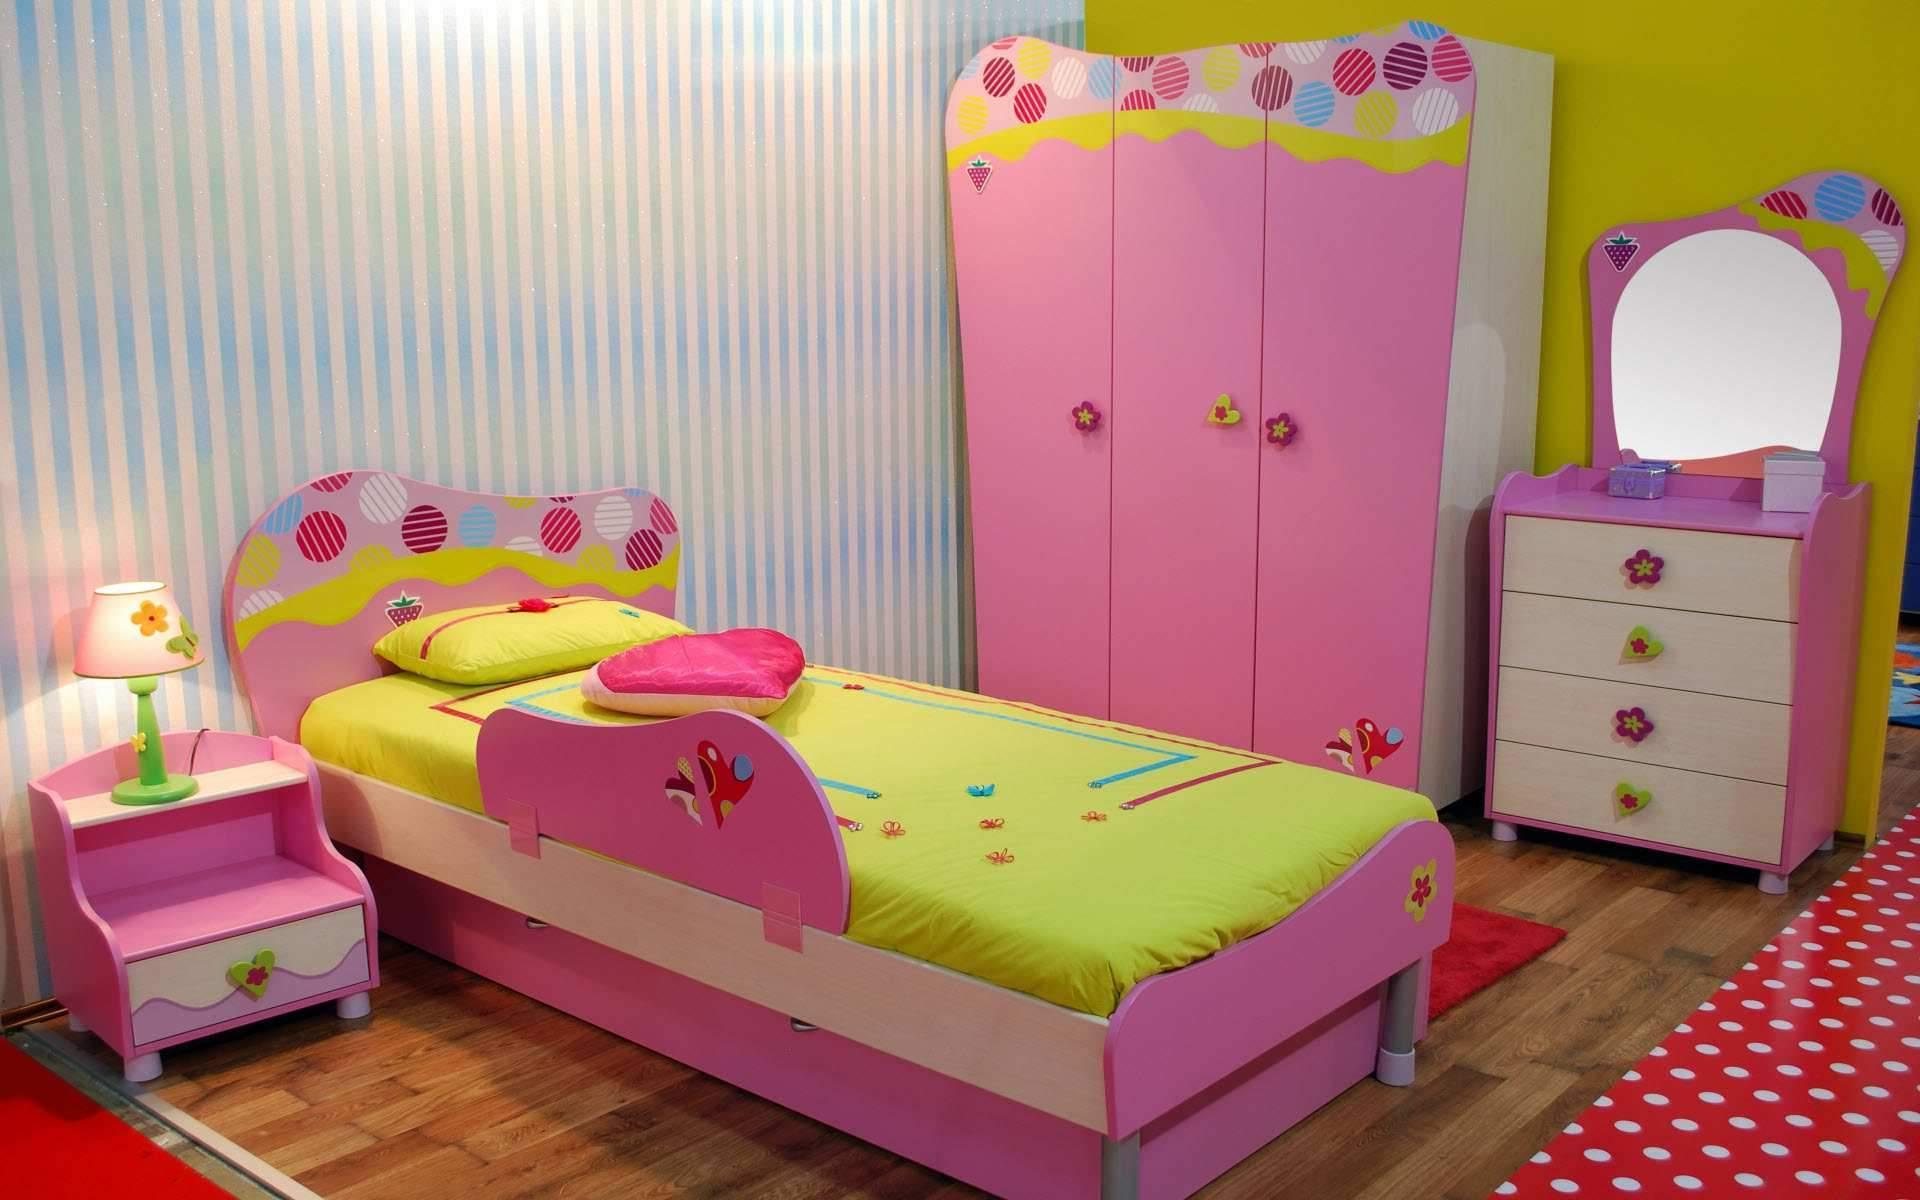 Mädchenzimmer in Rosa - bunt und gemütlich